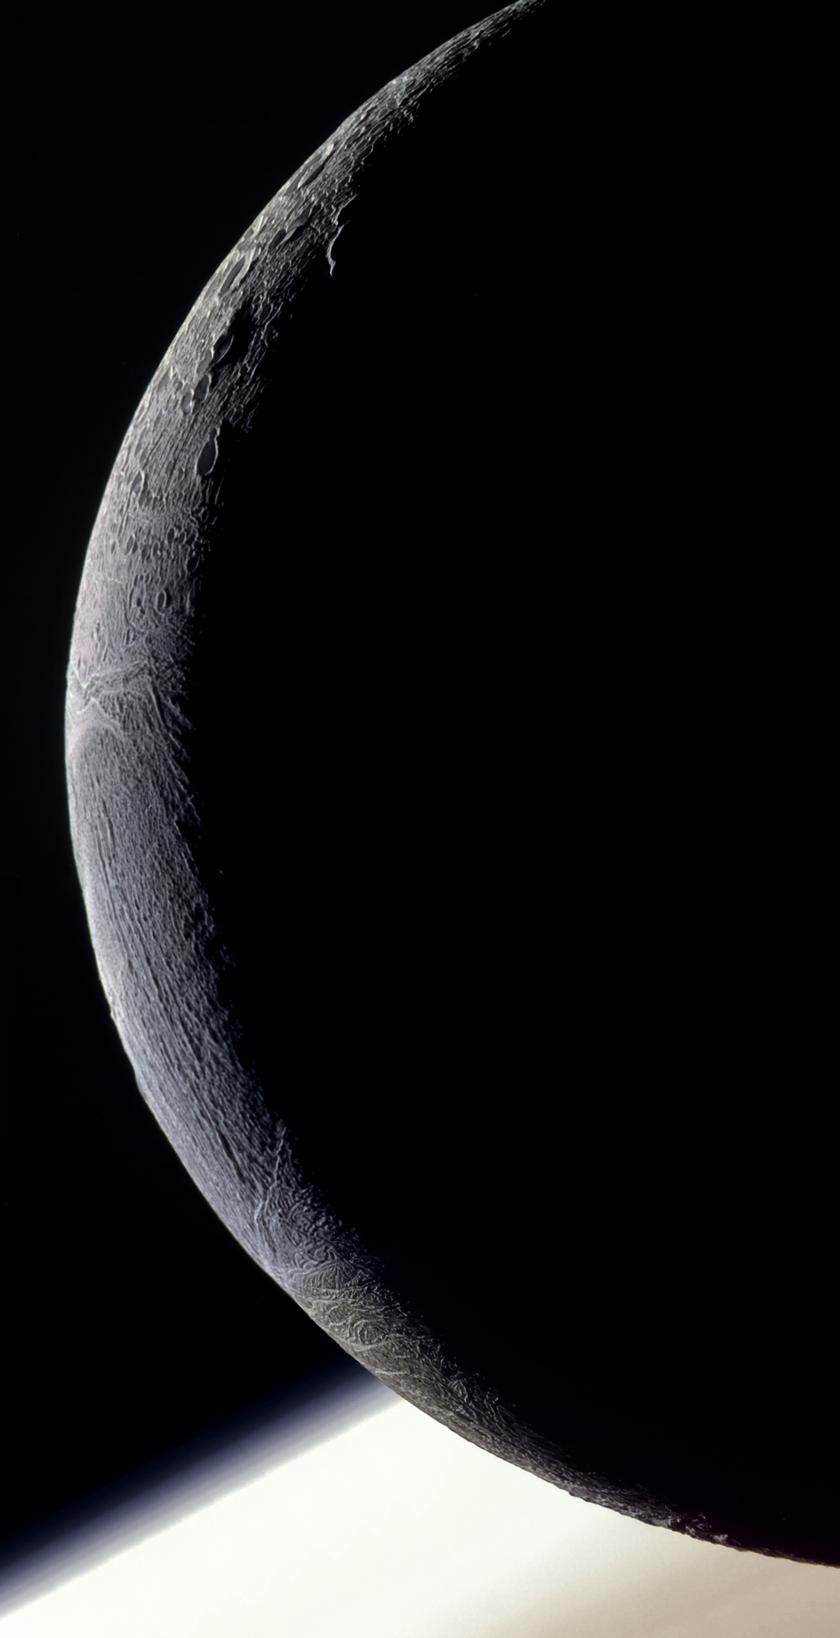 Enceladus and Saturn